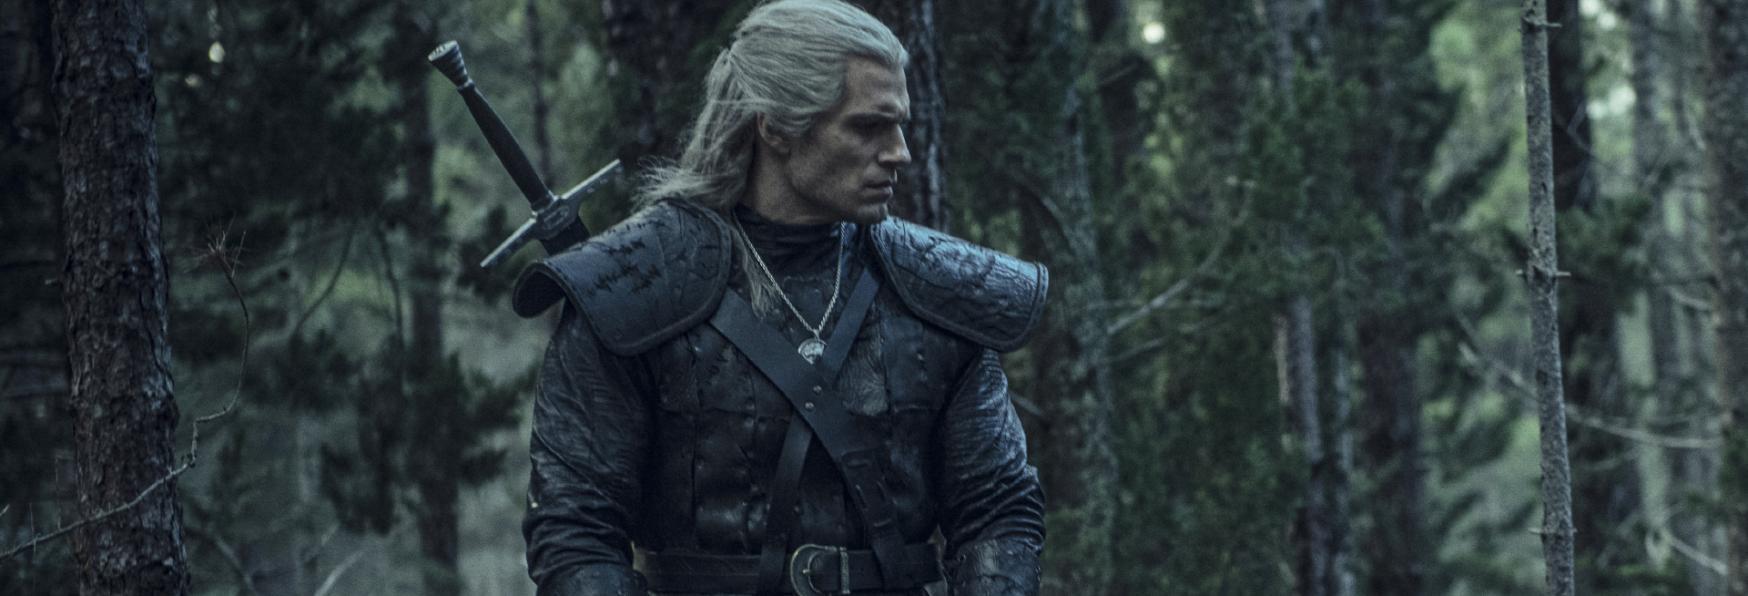 The Witcher: Netflix annuncia la Data di Uscita della Colonna Sonora della Serie TV